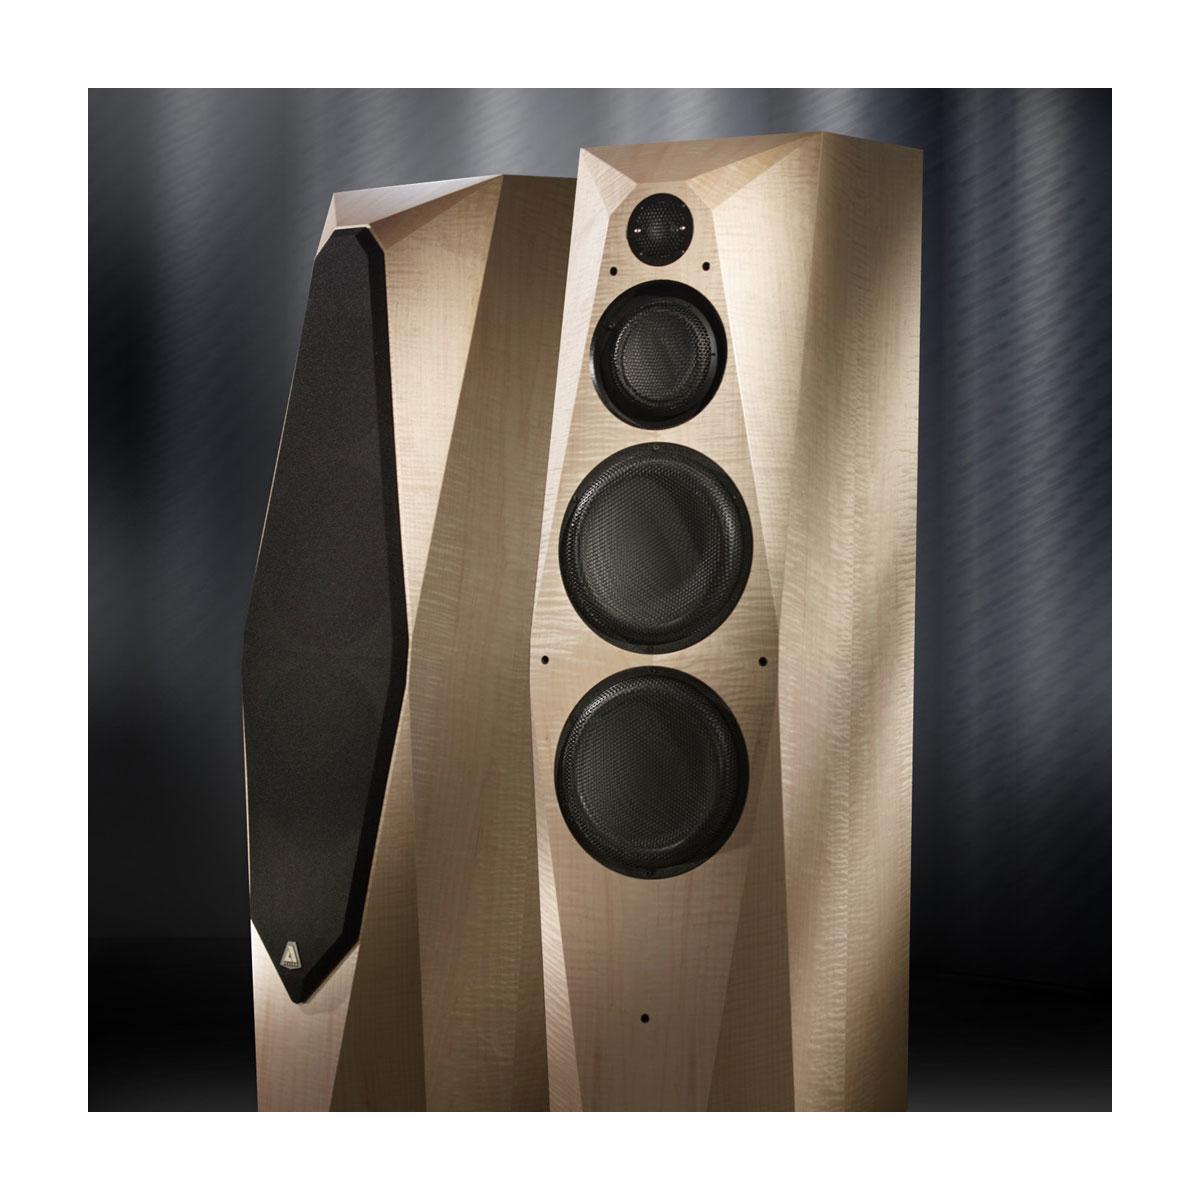 Avalon Acoustics Compas Maple 価格お問い合わせください。 アヴァロン スピーカーシステム